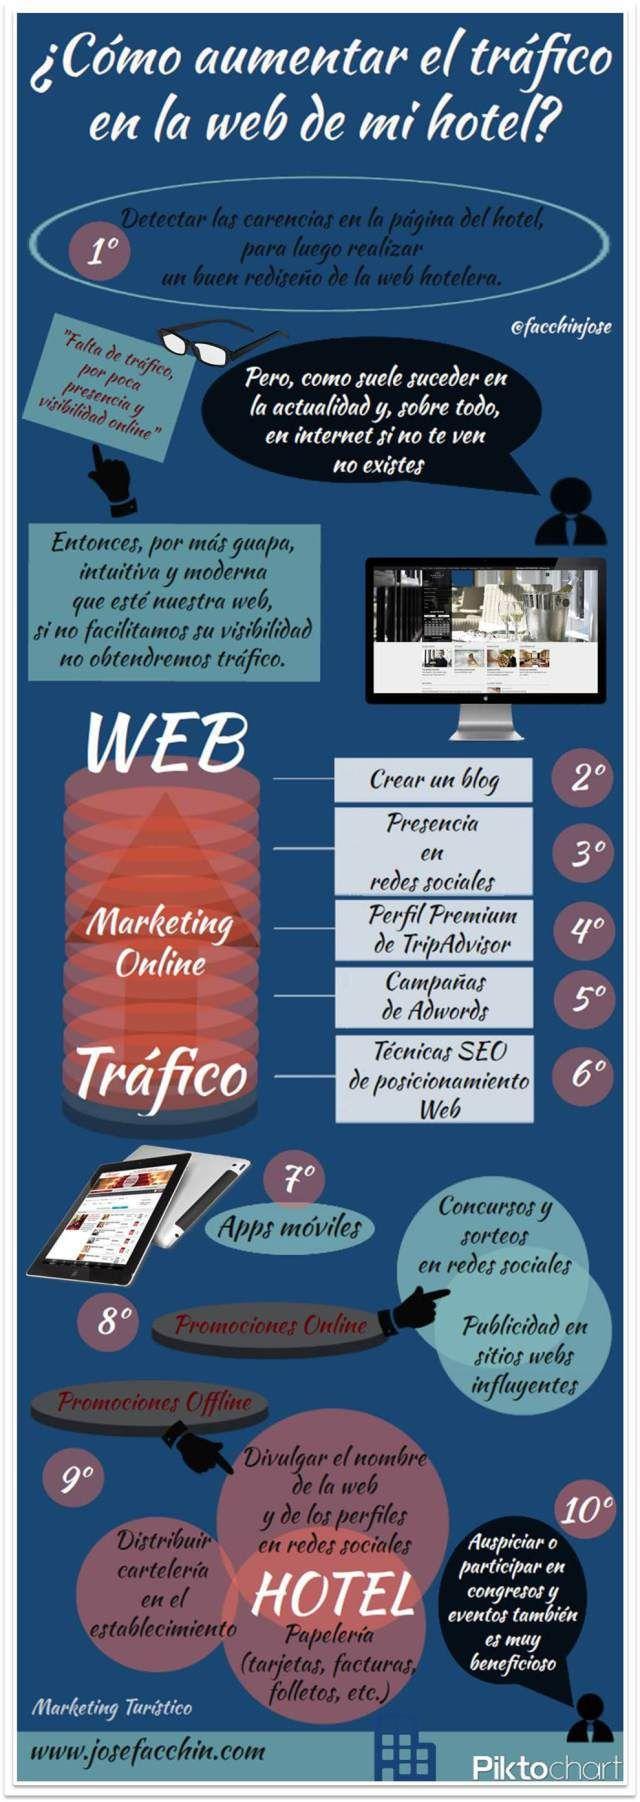 Infografía: Tips para aumentar el tráfico en la web de tu hotel